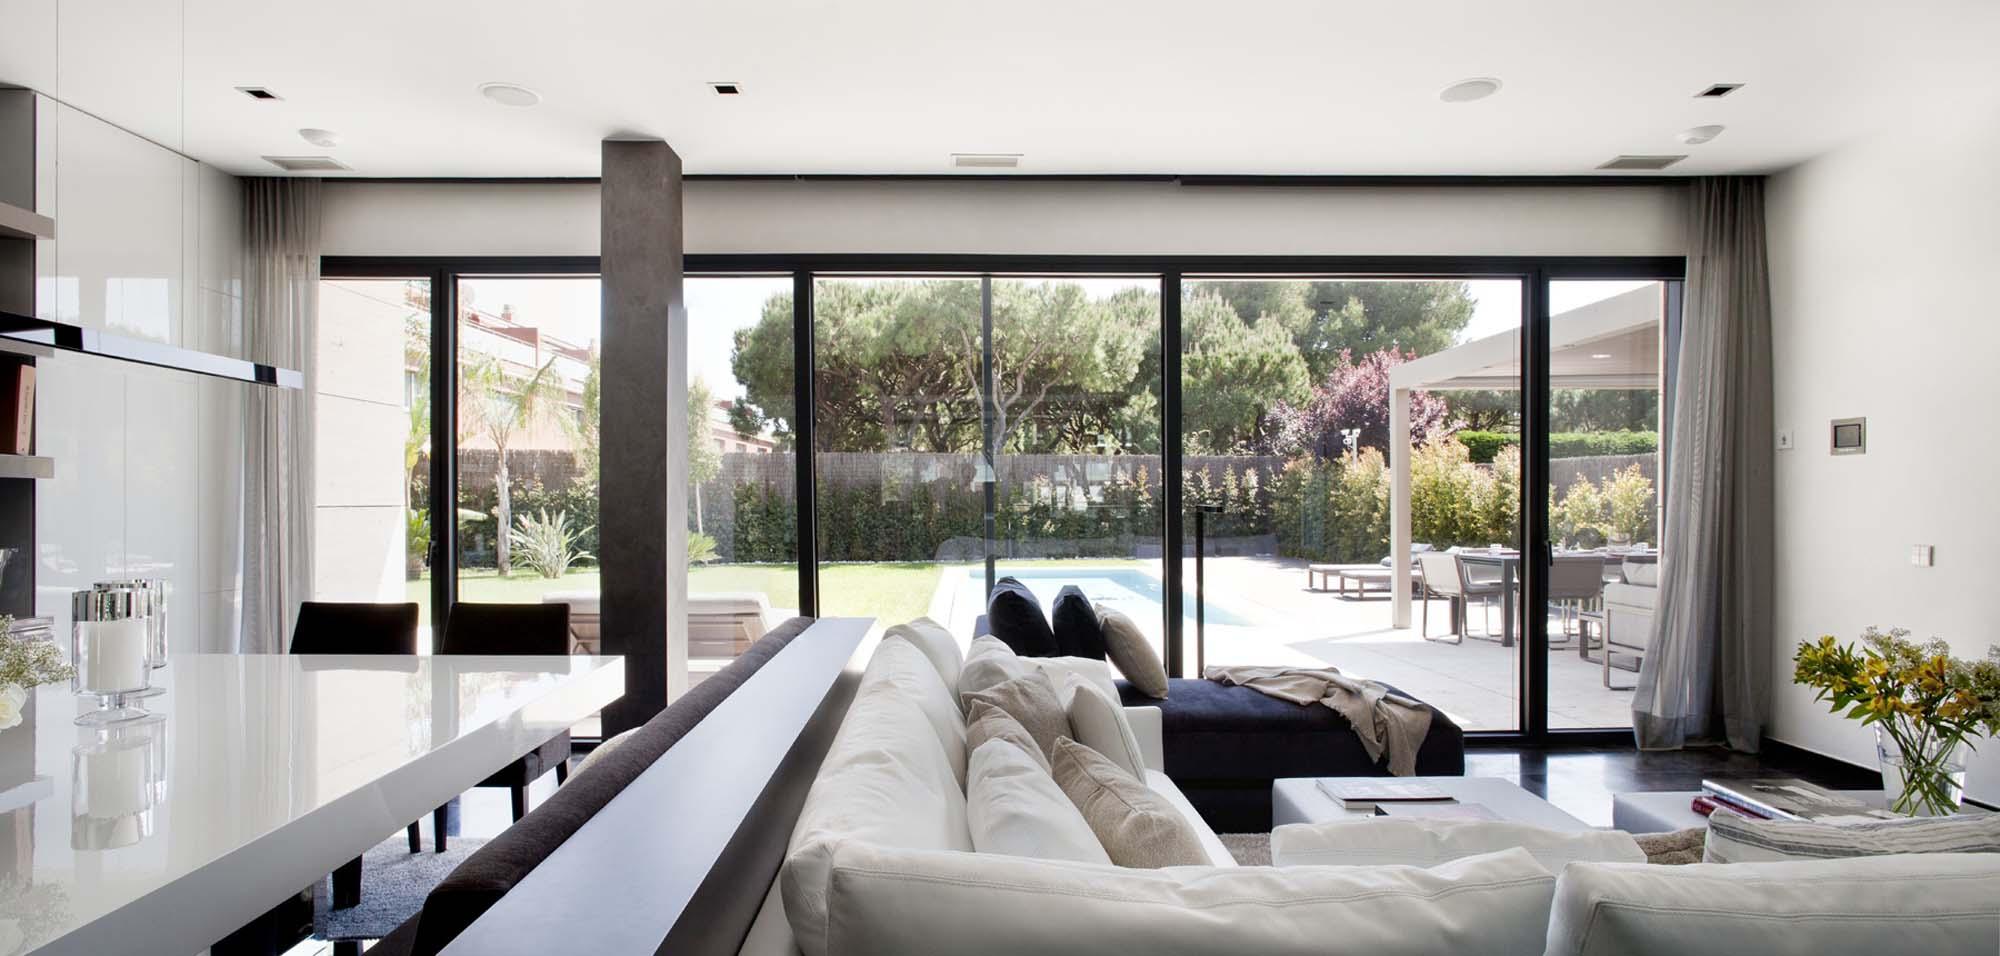 Casa Decor 2020: Los más inflyentes diseñadores de interiores casa decor Casa Decor 2020: Los más inflyentes diseñadores de interiores Casa Knowhaus Gava 274